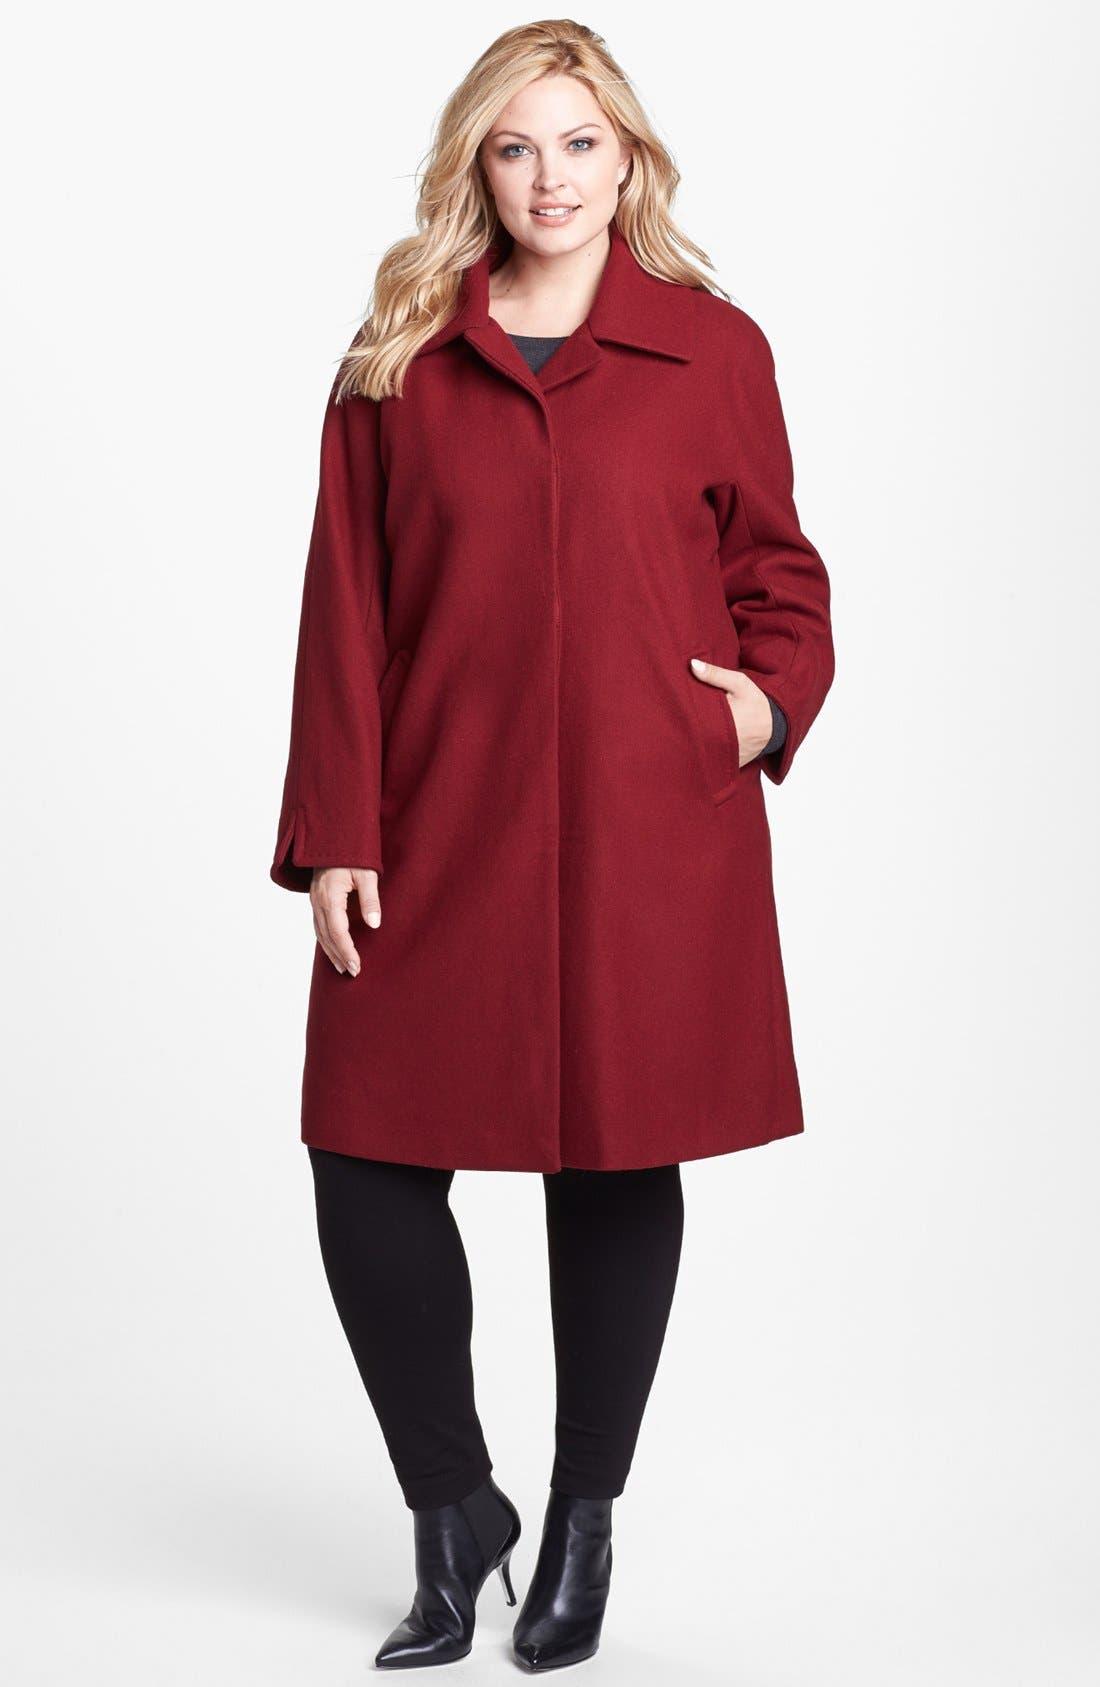 Main Image - Ellen Tracy 'Clutch' Coat (Plus Size)